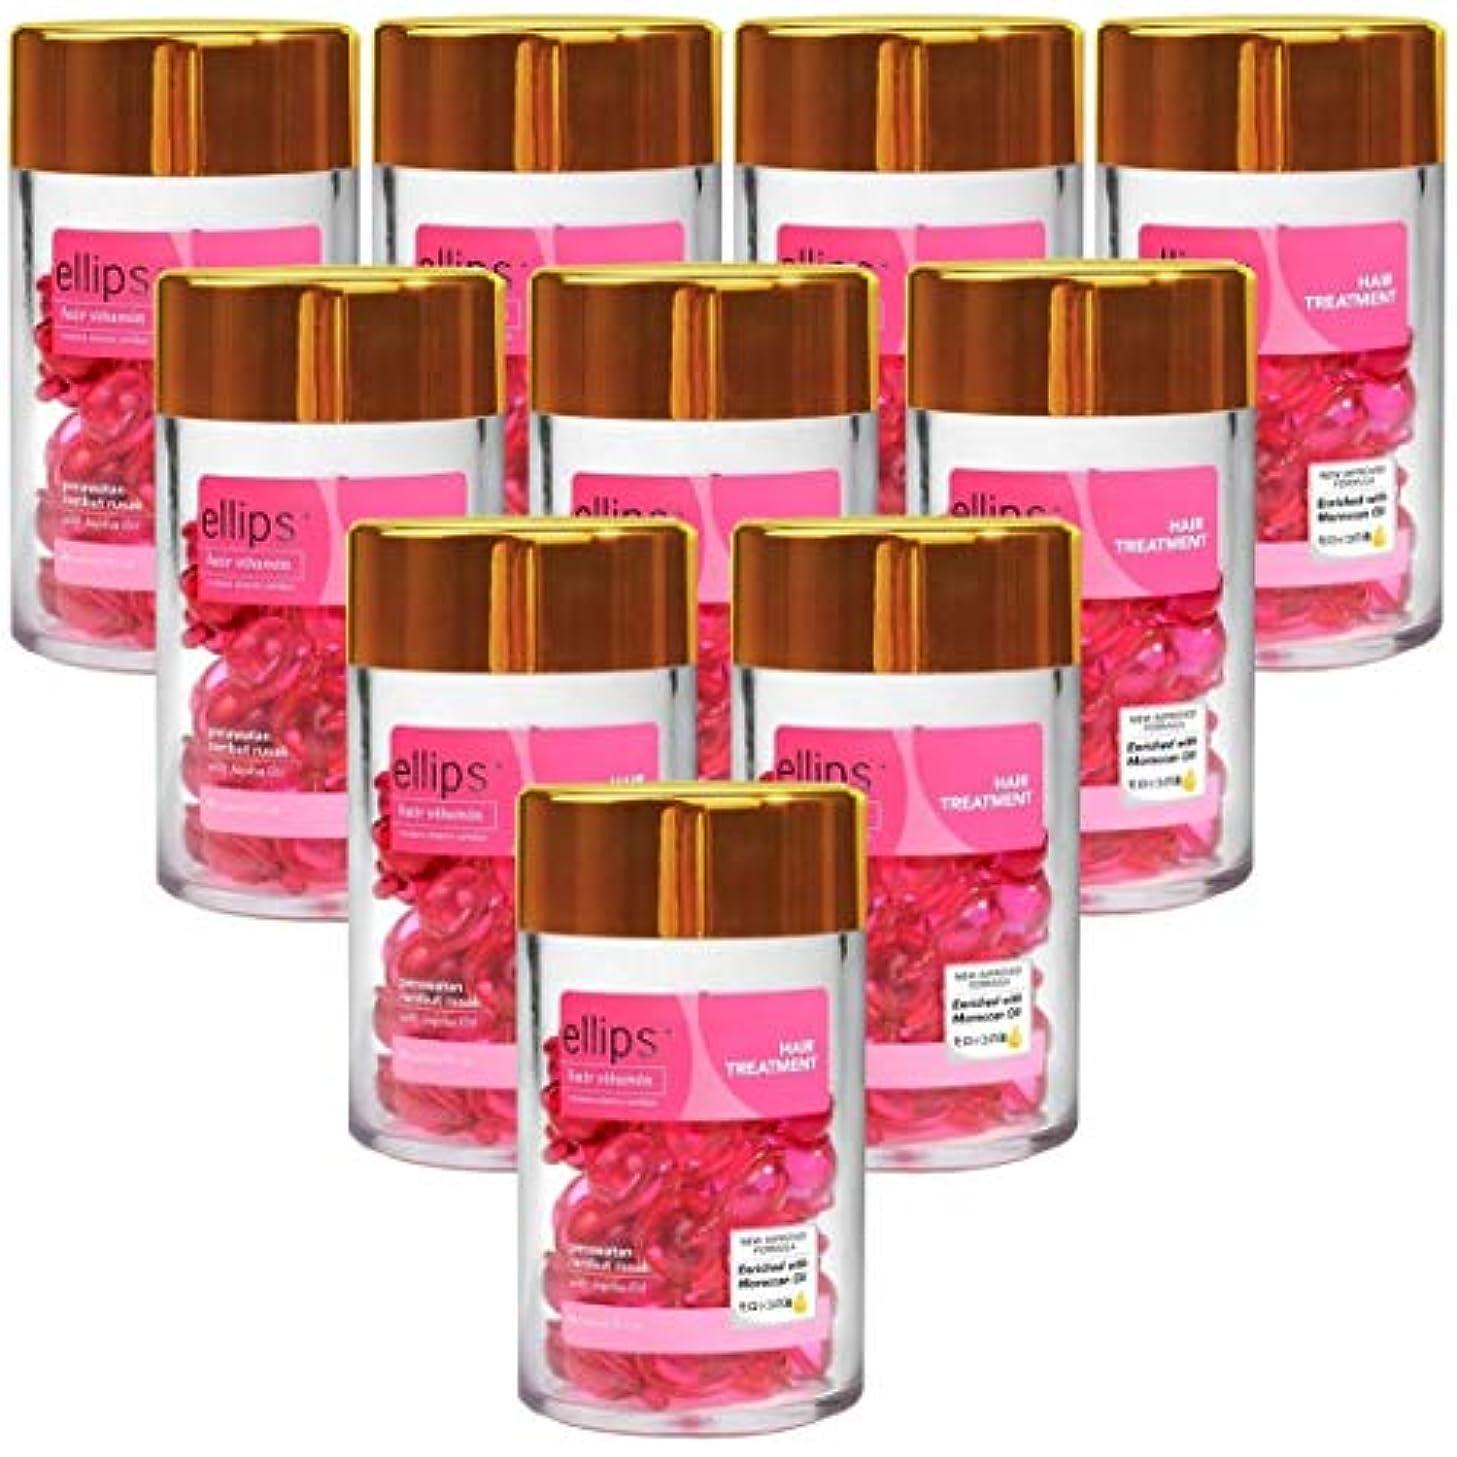 実質的にペンススリーブエリップス ellips ヘアビタミン ヘアトリートメント 50粒 ボトル ピンク お得な10本セット [並行輸入品]